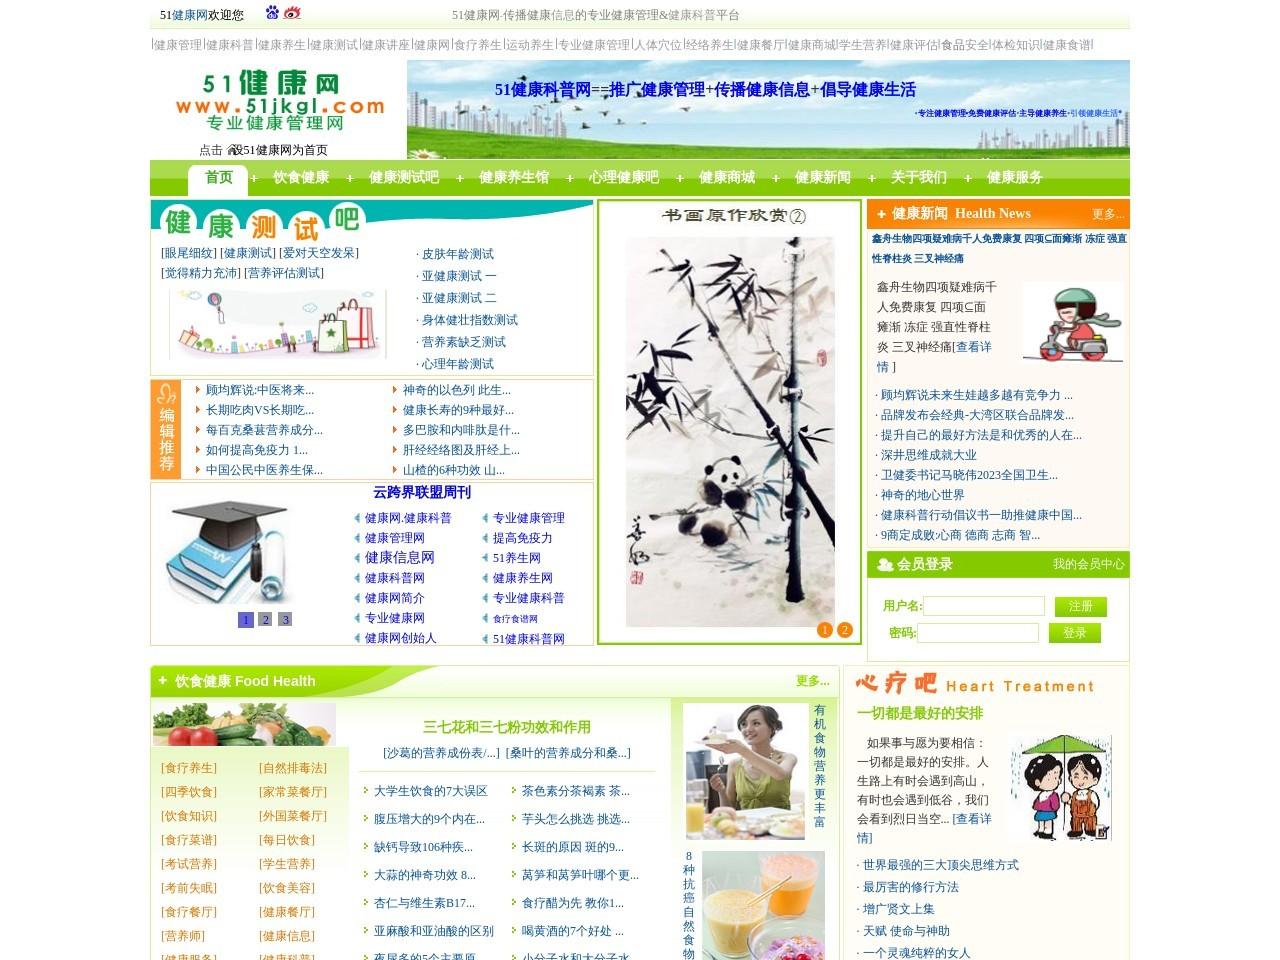 51健康网-传播健康信息的专业健康管理网站